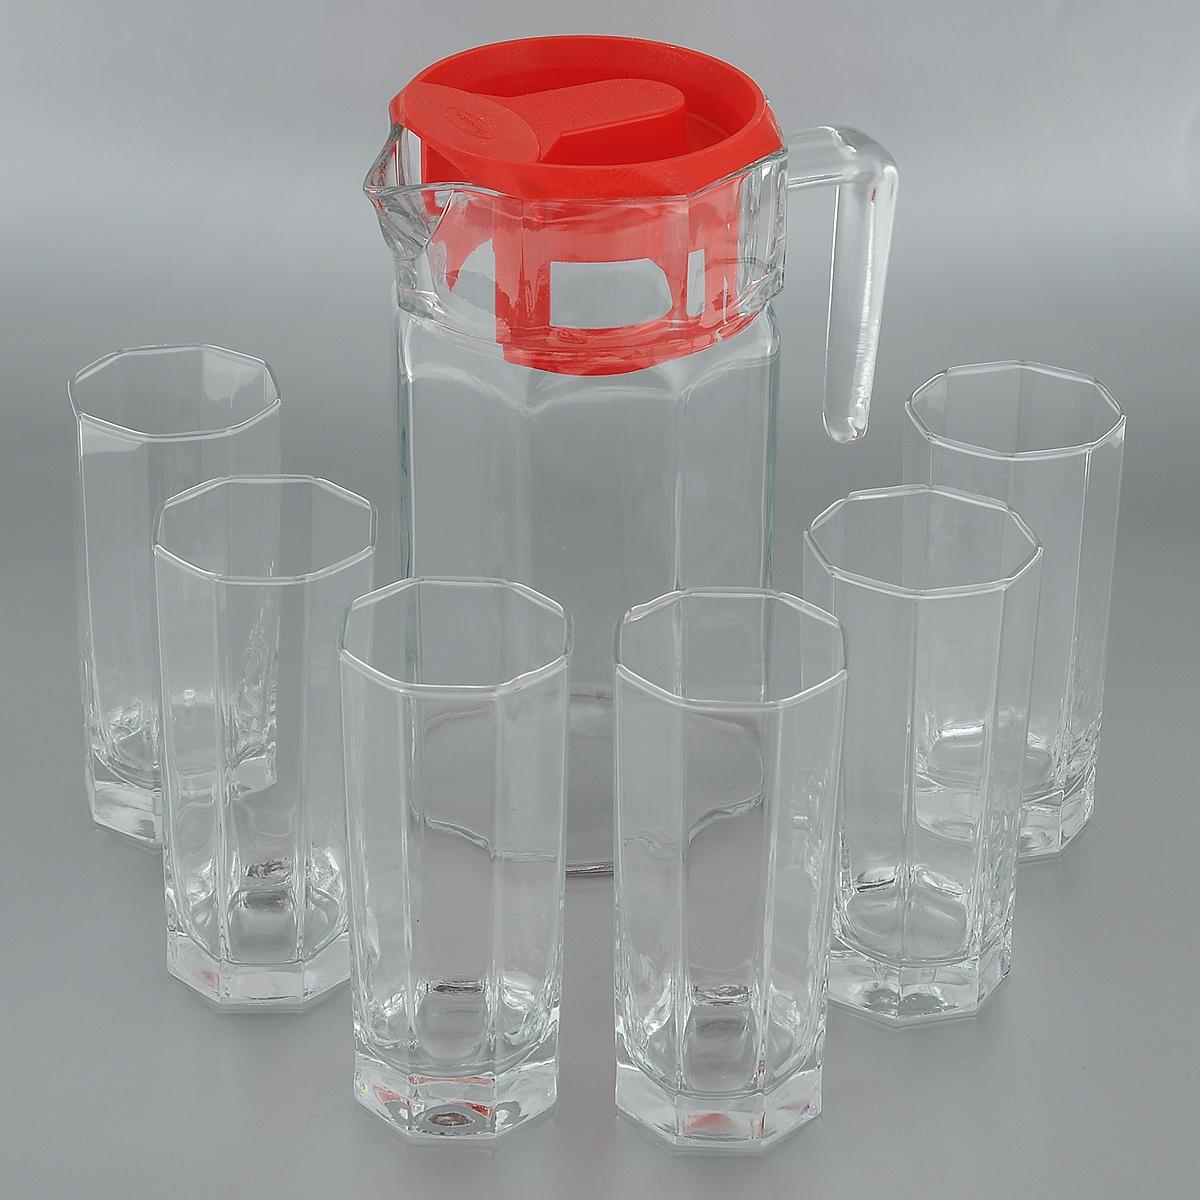 Набор для воды Pasabahce Kosem, 7 предметов97415Набор Pasabahce Kosem состоит из шести стаканов и графина, выполненных из прочного натрий-кальций-силикатного стекла. Предметы набора, оснащенные рельефной многогранной поверхностью, предназначены для воды, сока и других напитков. Графин снабжен пластиковой, плотно закрывающейся крышкой. Изделия сочетают в себе элегантный дизайн и функциональность. Благодаря такому набору пить напитки будет еще вкуснее. Набор для воды Pasabahce Kosem прекрасно оформит праздничный стол и создаст приятную атмосферу. Такой набор также станет хорошим подарком к любому случаю. Можно мыть в посудомоечной машине и использовать в микроволновой печи. Объем графина: 1,25 л. Диаметр графина (по верхнему краю): 11 см. Высота графина (без учета крышки): 21,5 см. Объем стакана: 260 мл. Диаметр стакана (по верхнему краю): 6 см. Высота стакана: 13,5 см.